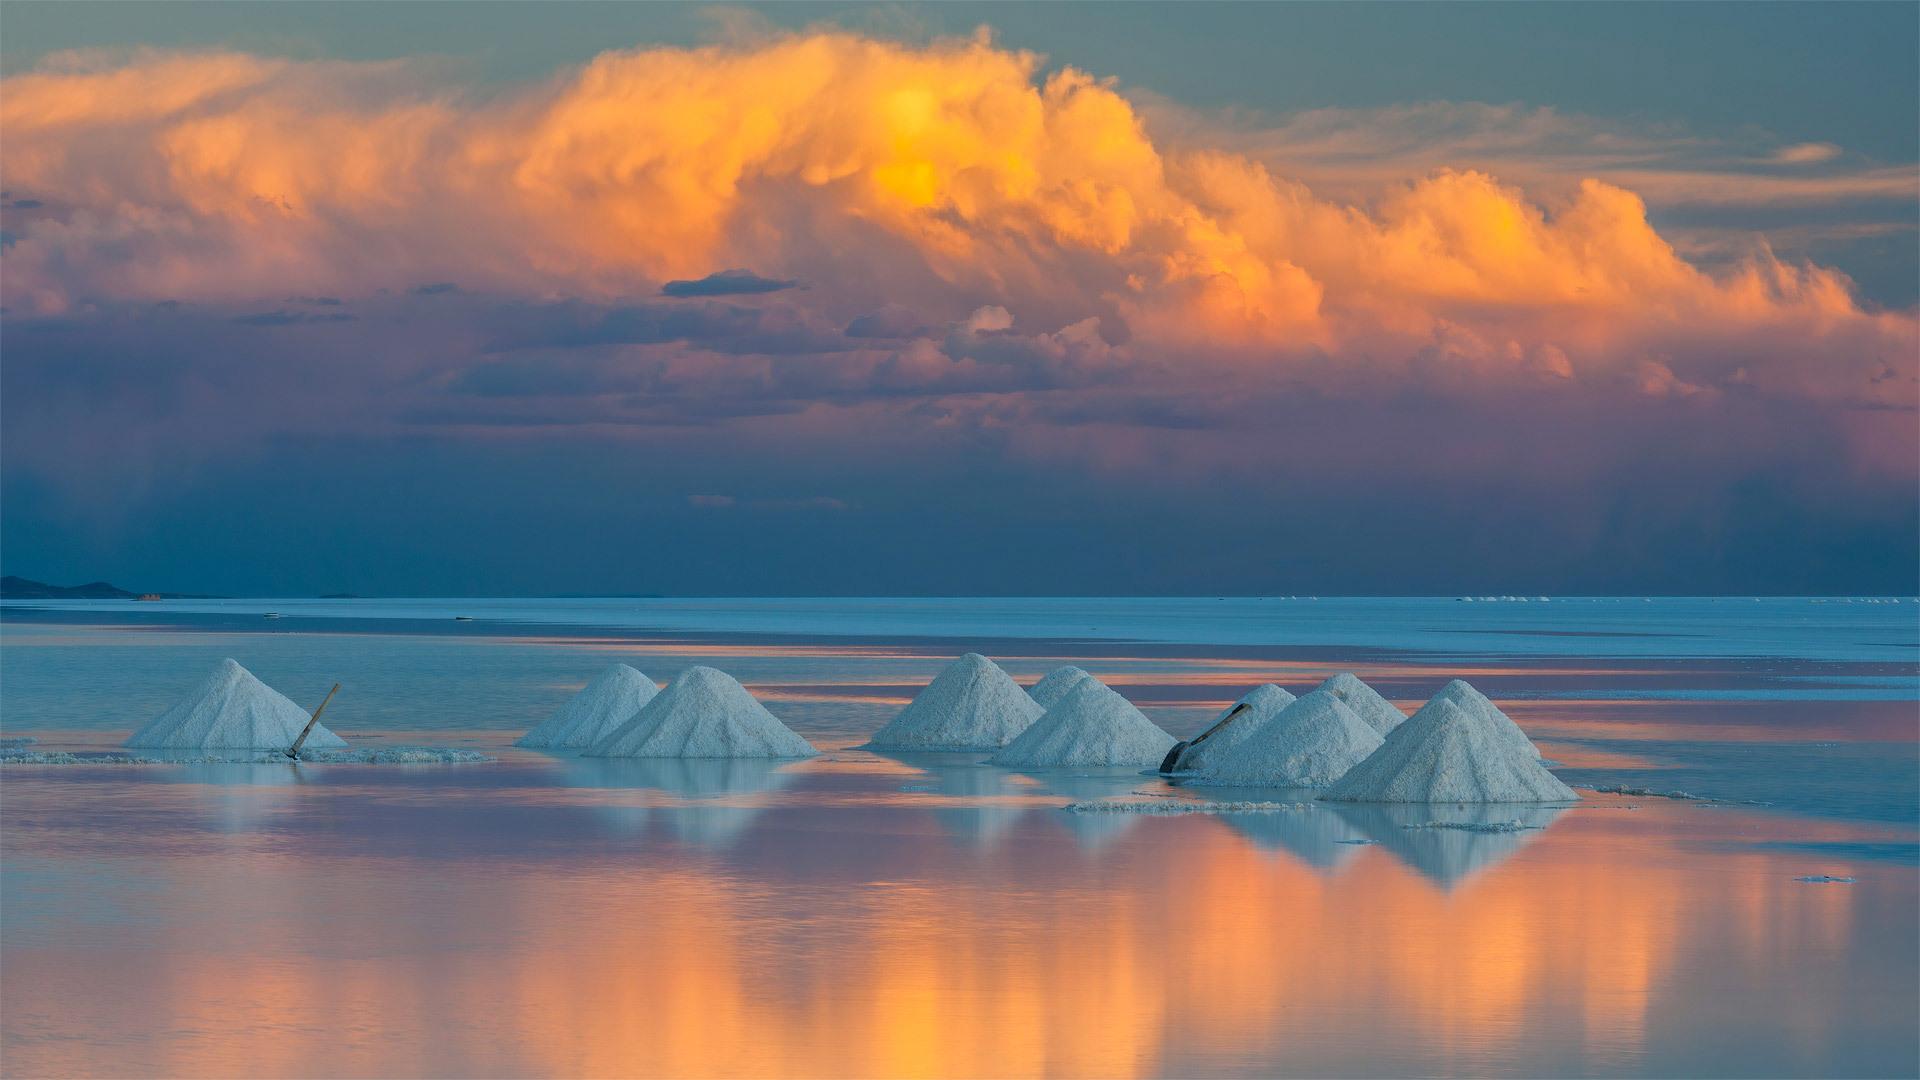 乌尤尼盐沼上的锥形盐堆乌尤尼盐沼